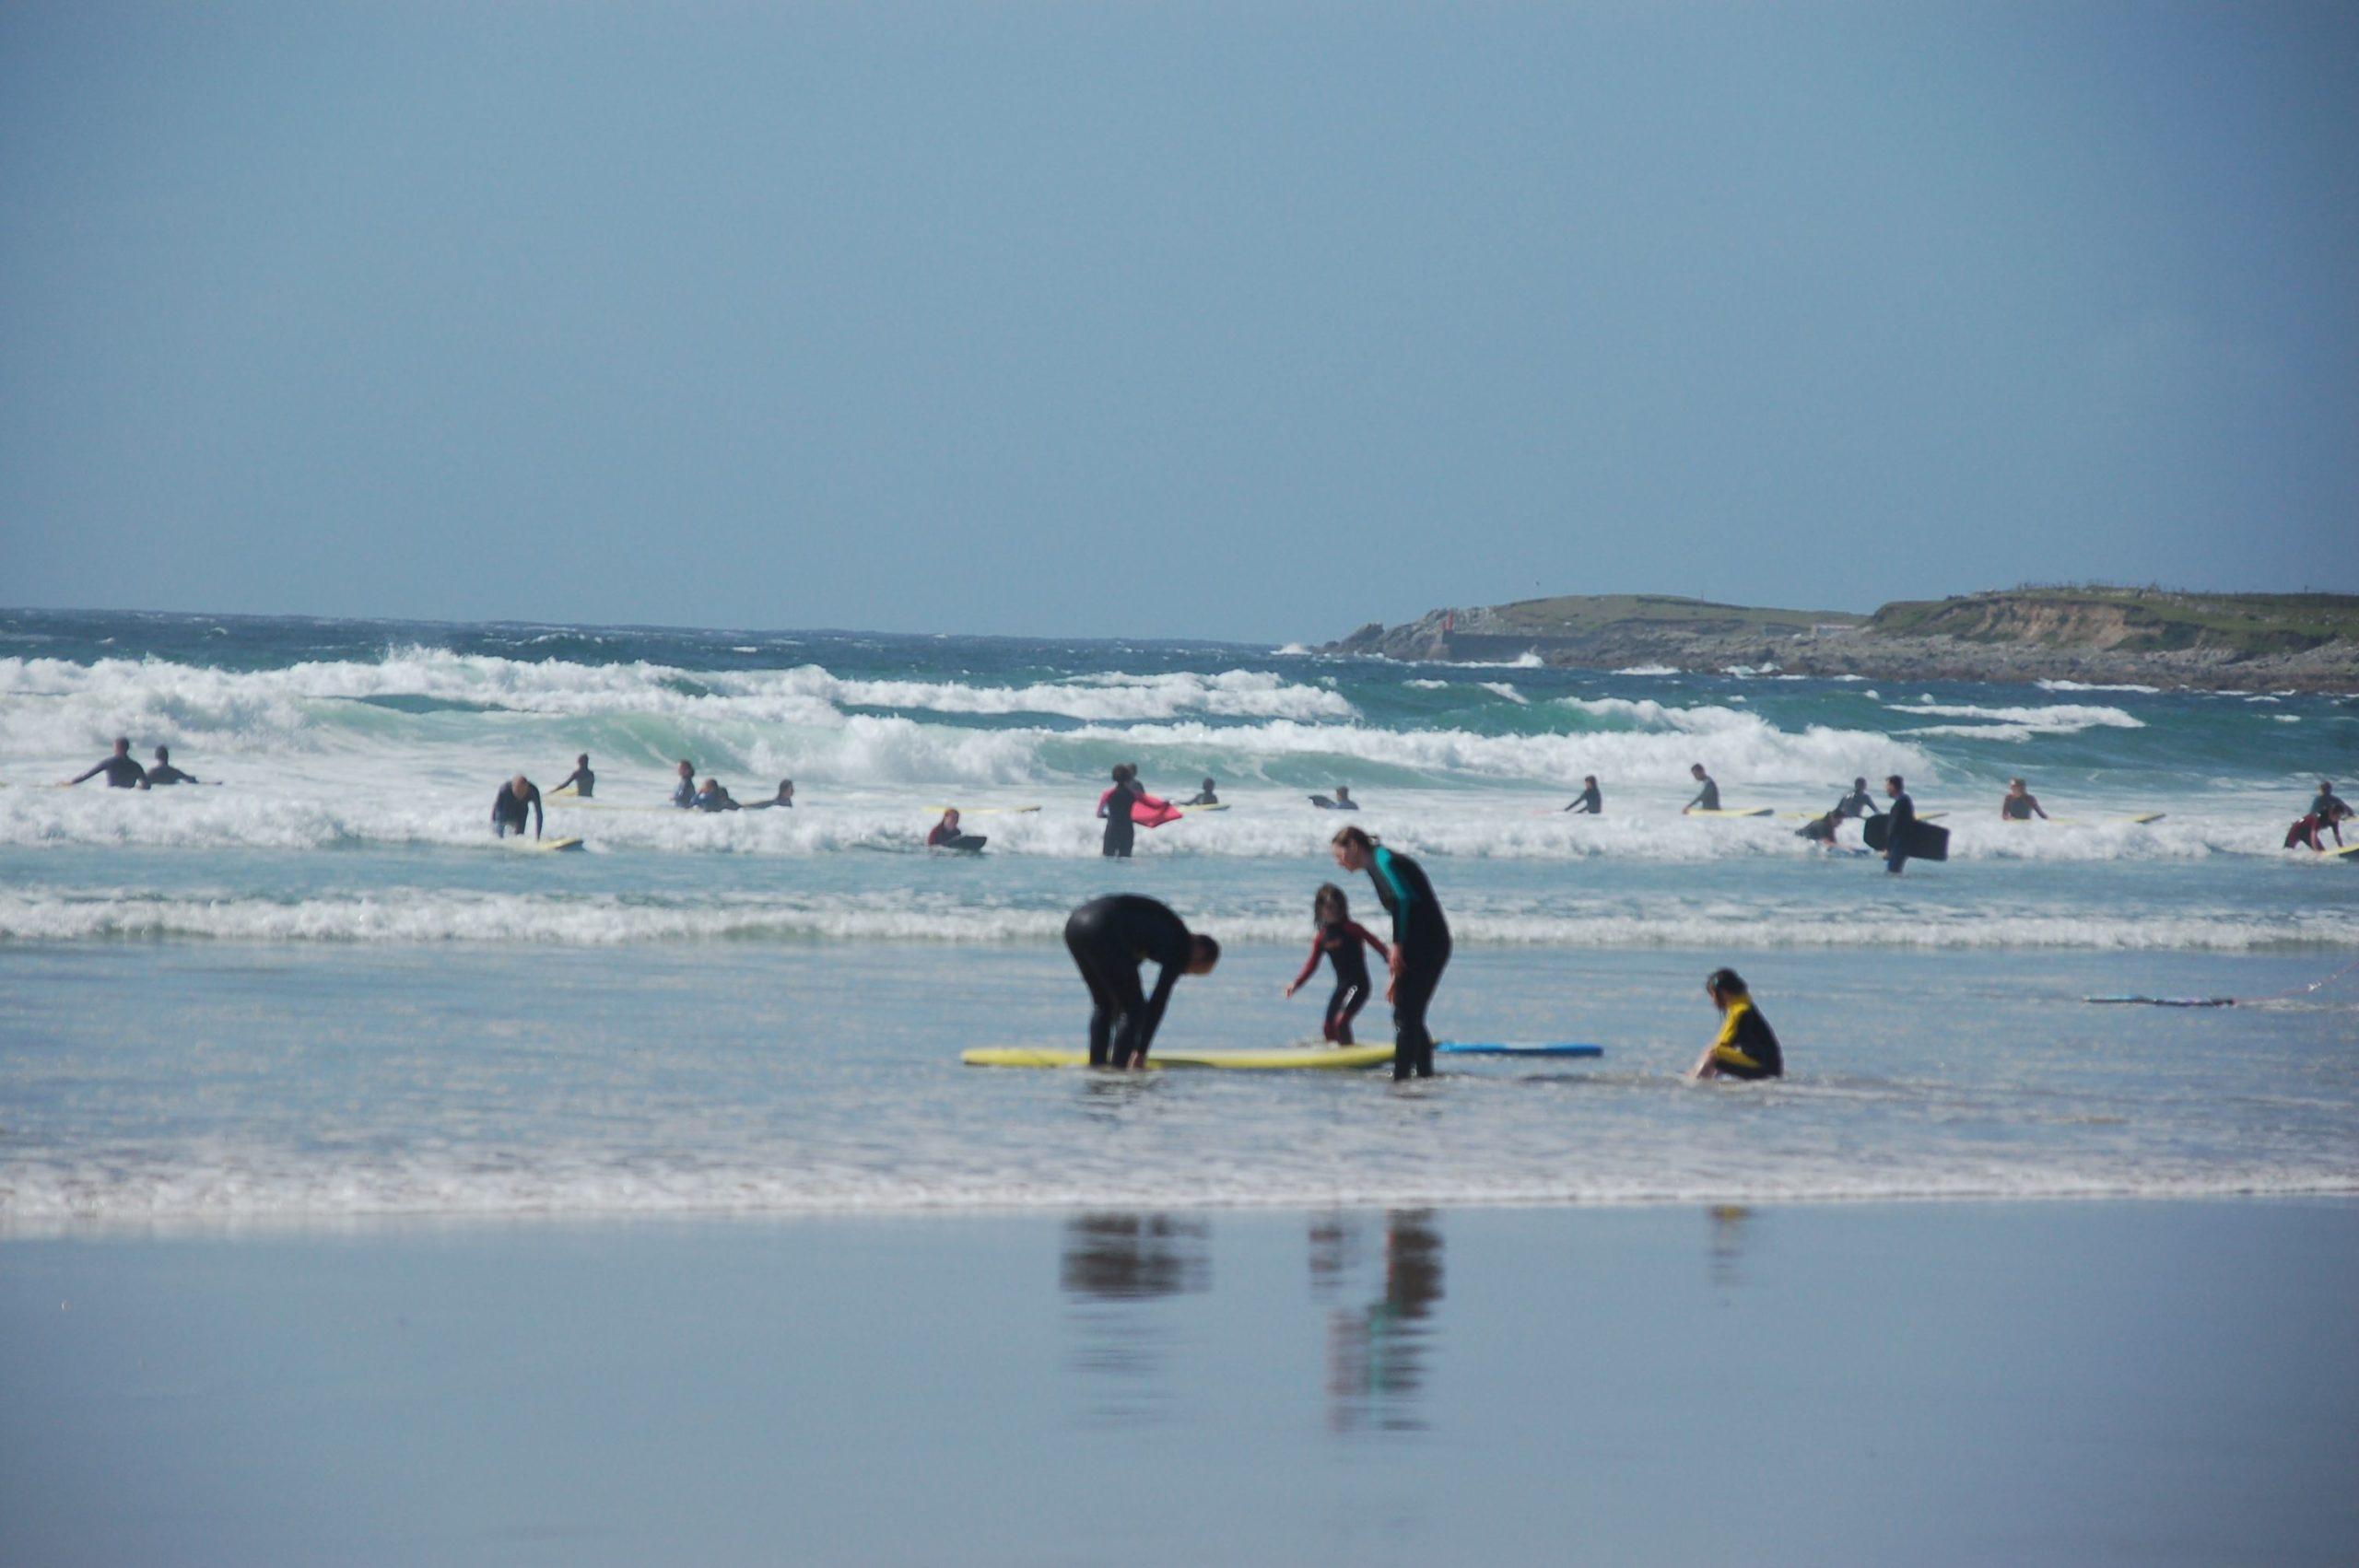 Surfer am Strand auf Achill Island